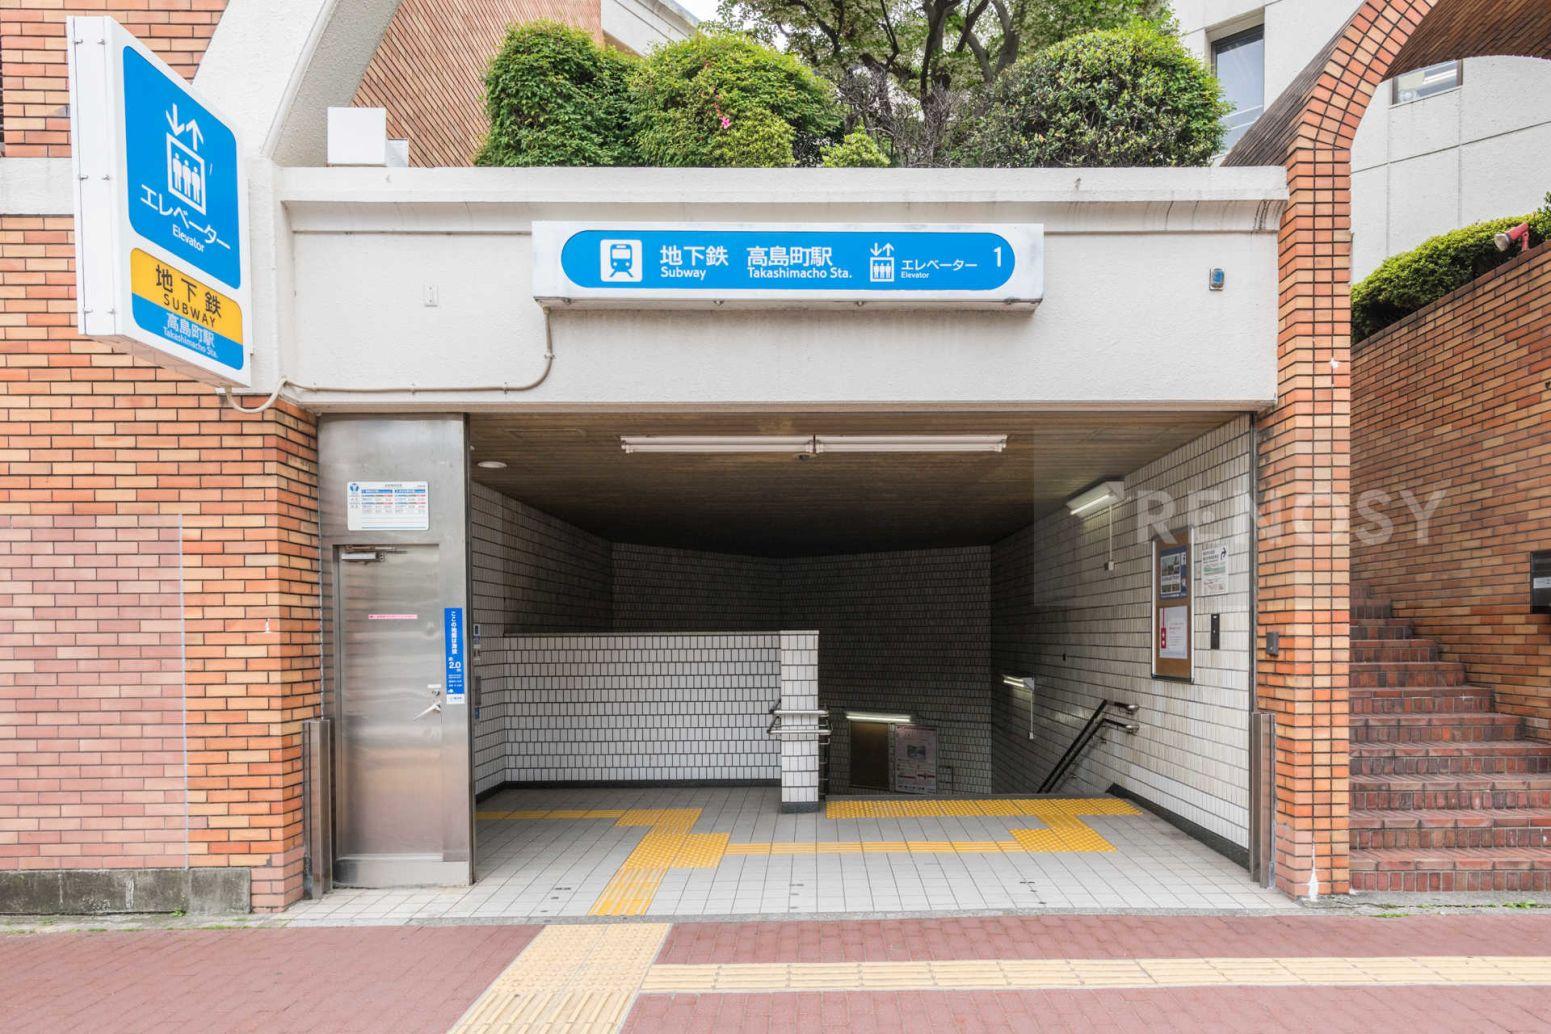 グリフィン横浜グランビスタ